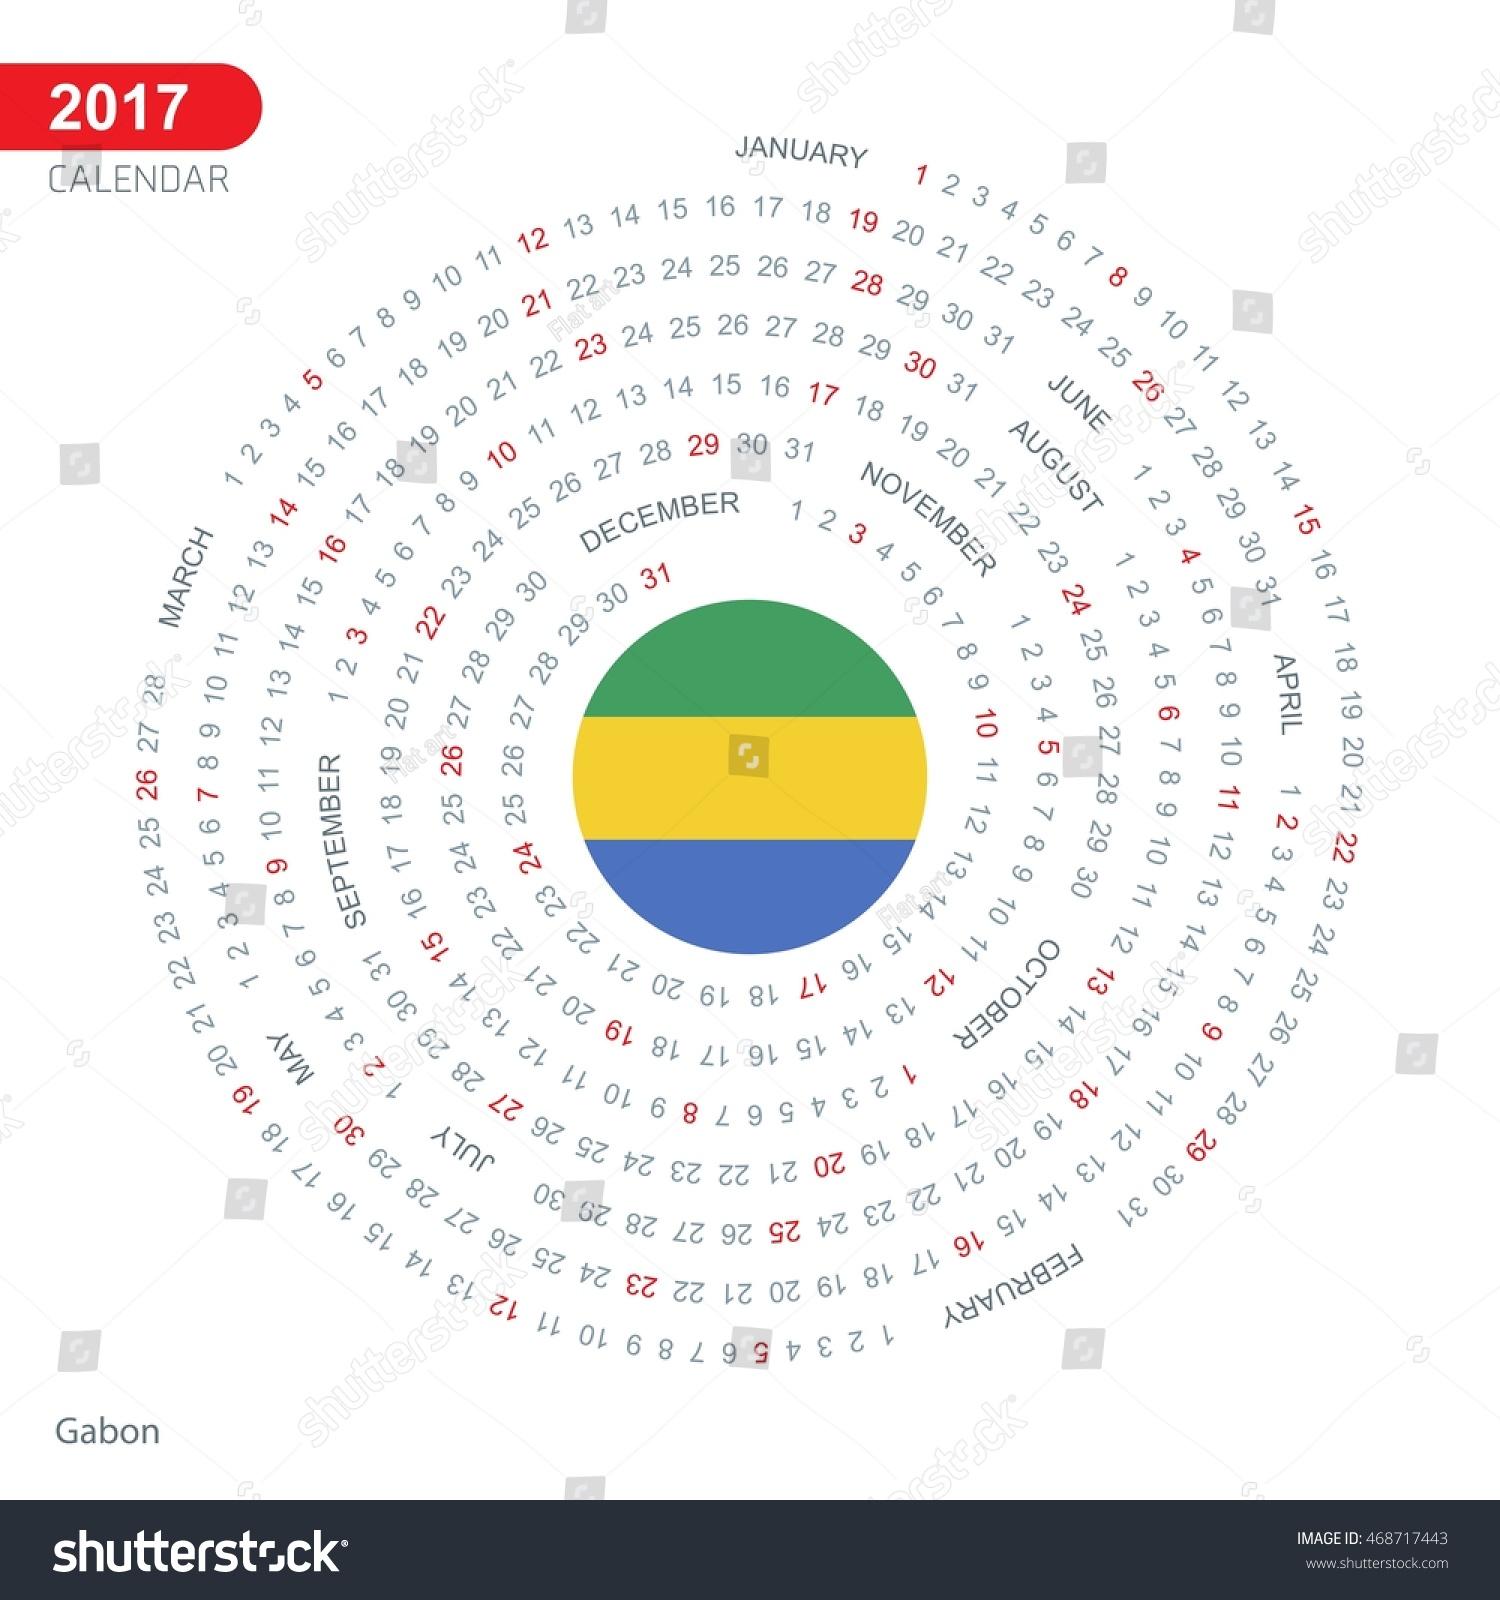 Calendar Illustrations : Calendar gabon country flag circle stock vector